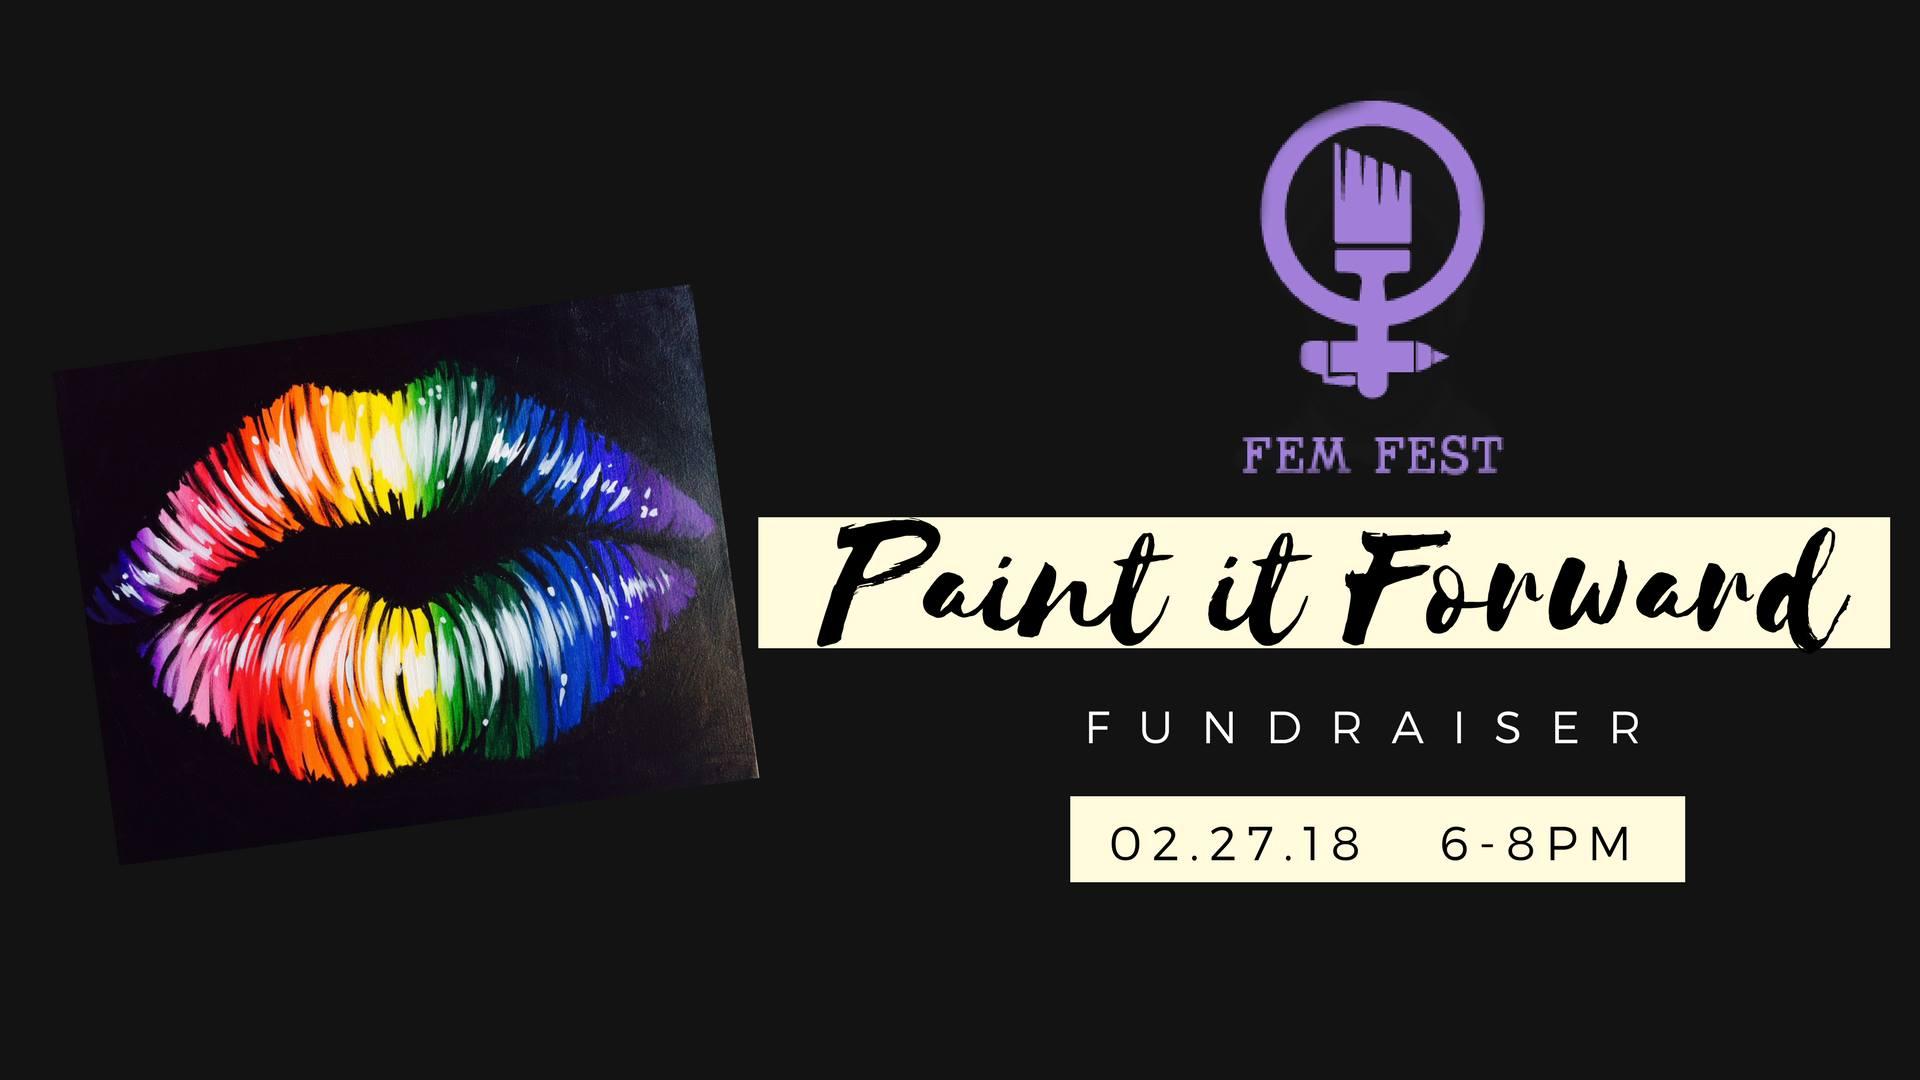 February Fundraiser